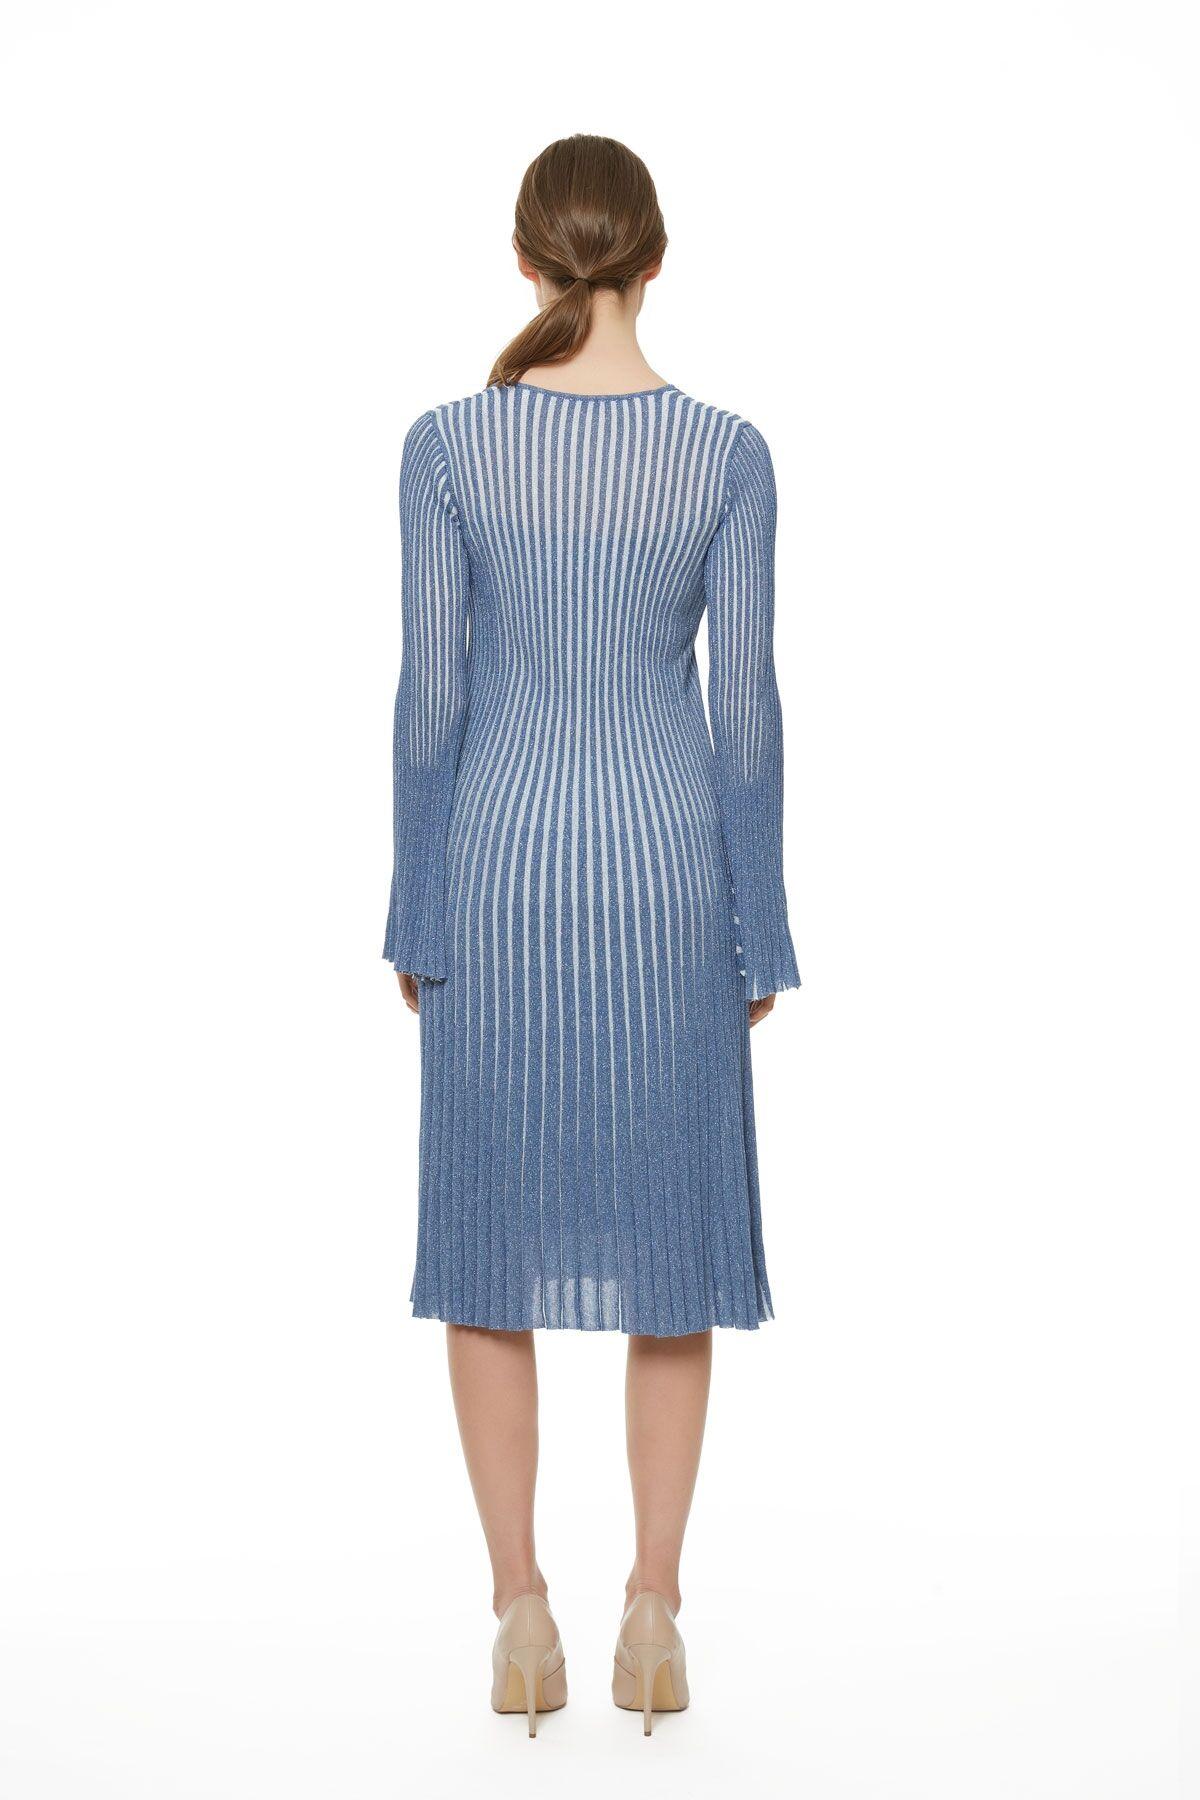 Metalik Çizgili Triko Mavi Çan Elbise